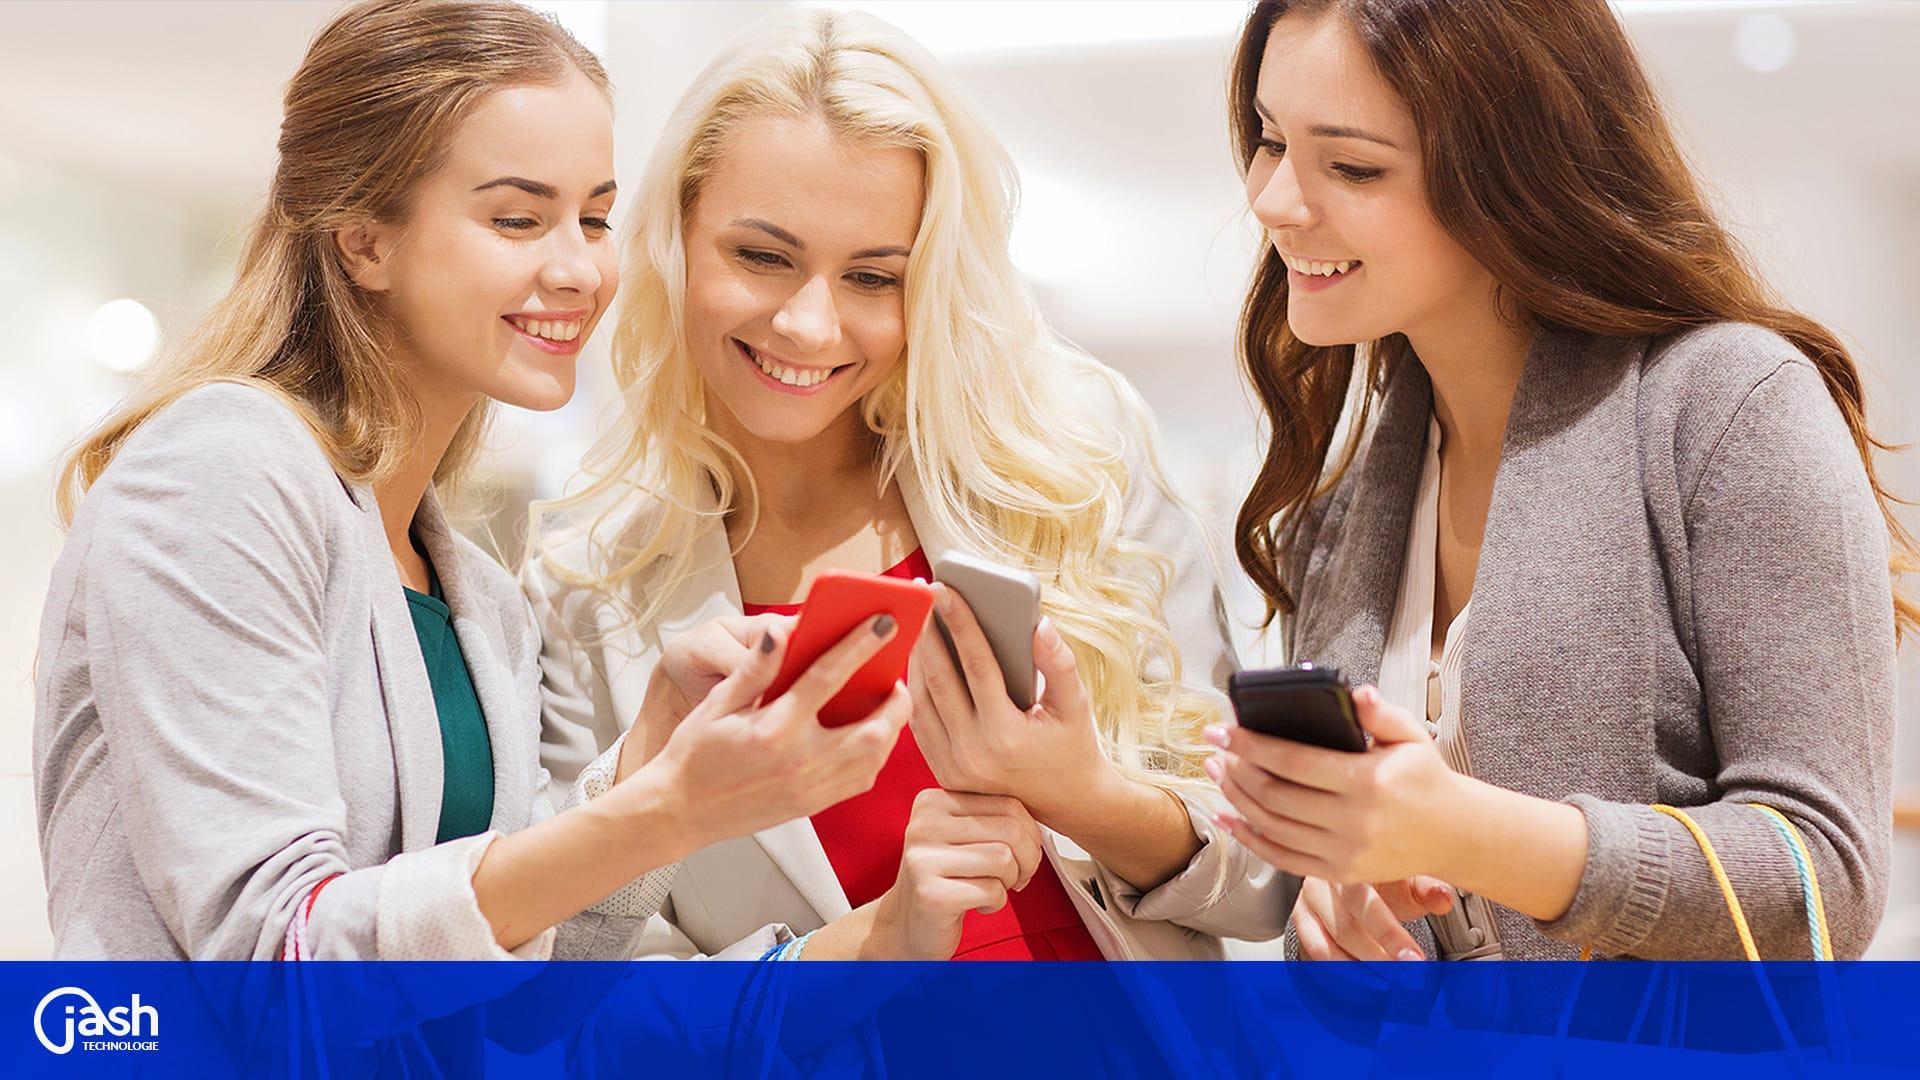 jak zwiększyć sprzedaż w sklepie internetowym dzięki USP